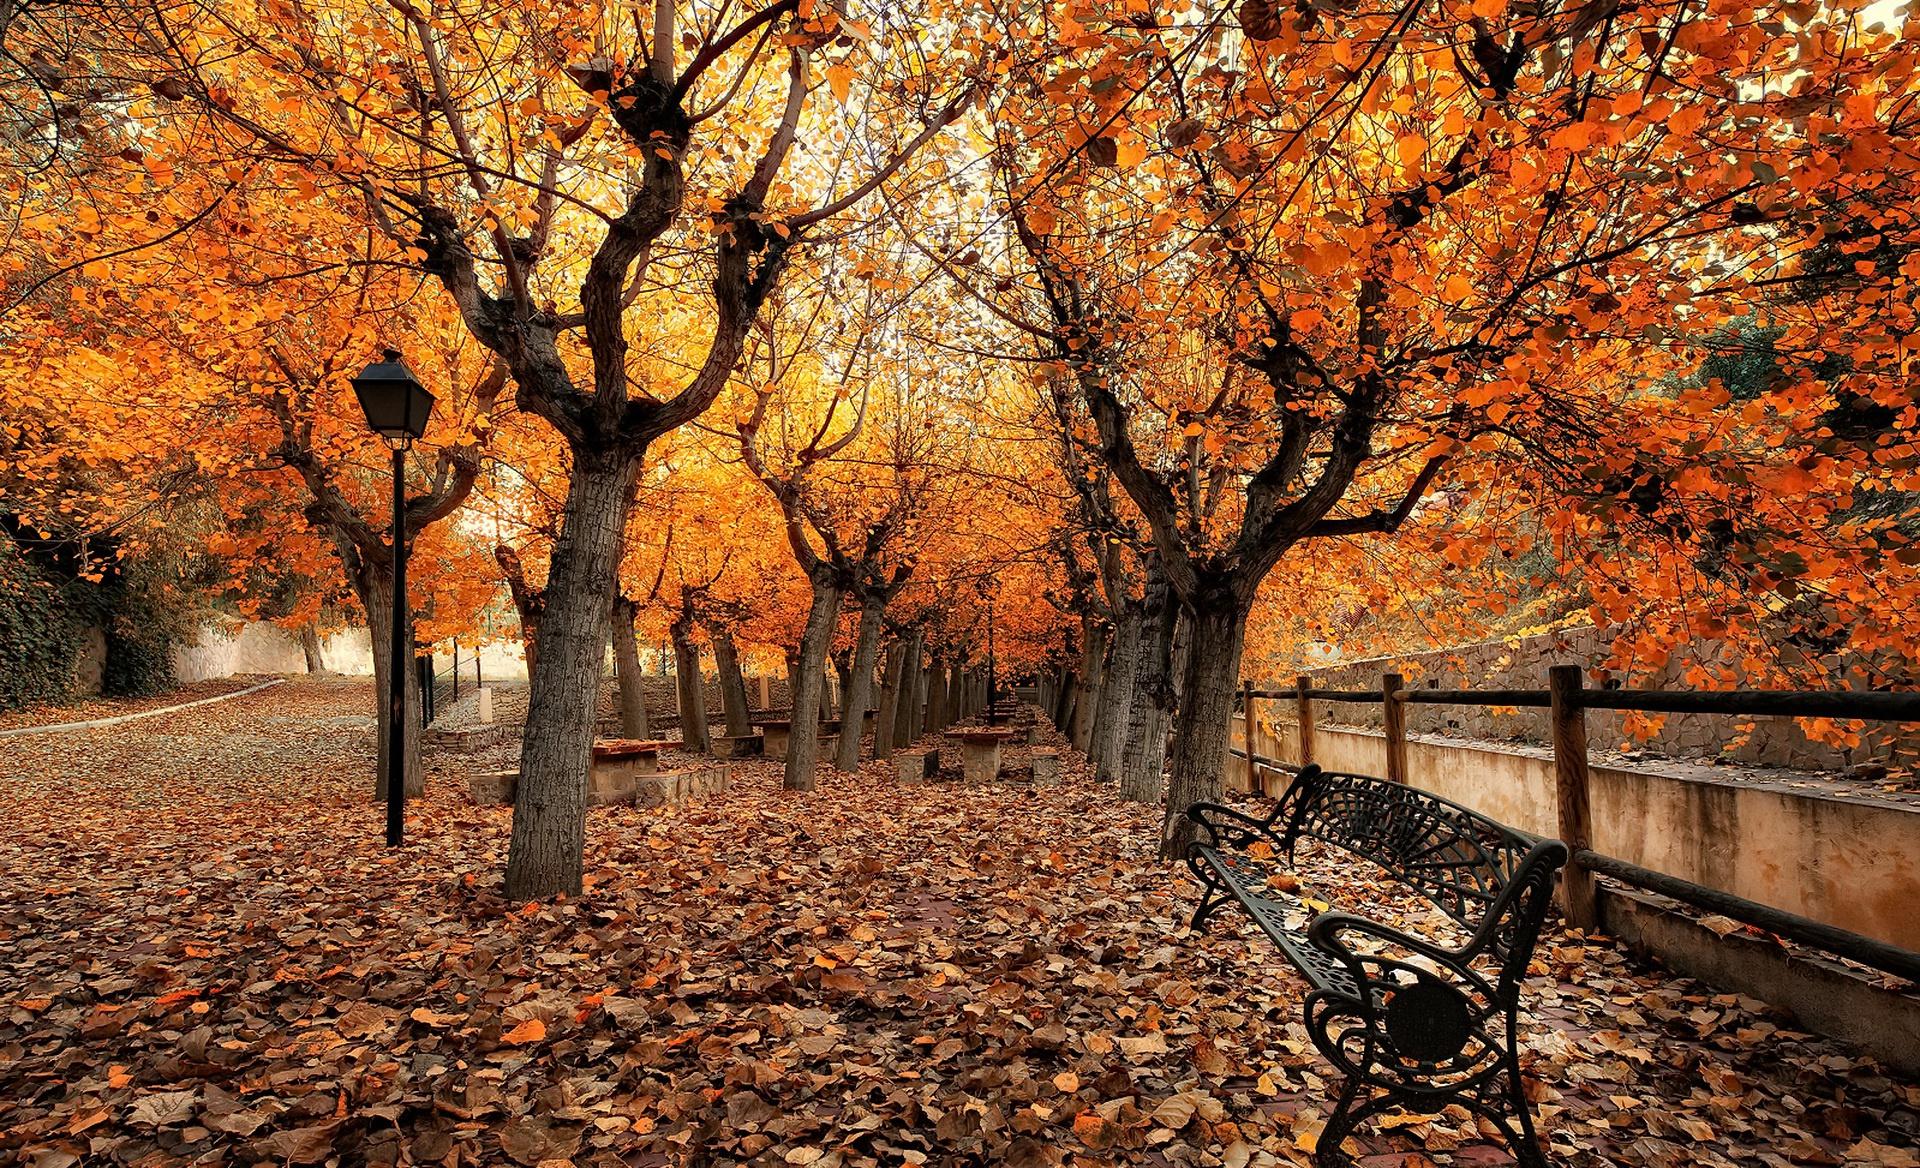 картинки красивые на тему осень в городе активно использовал